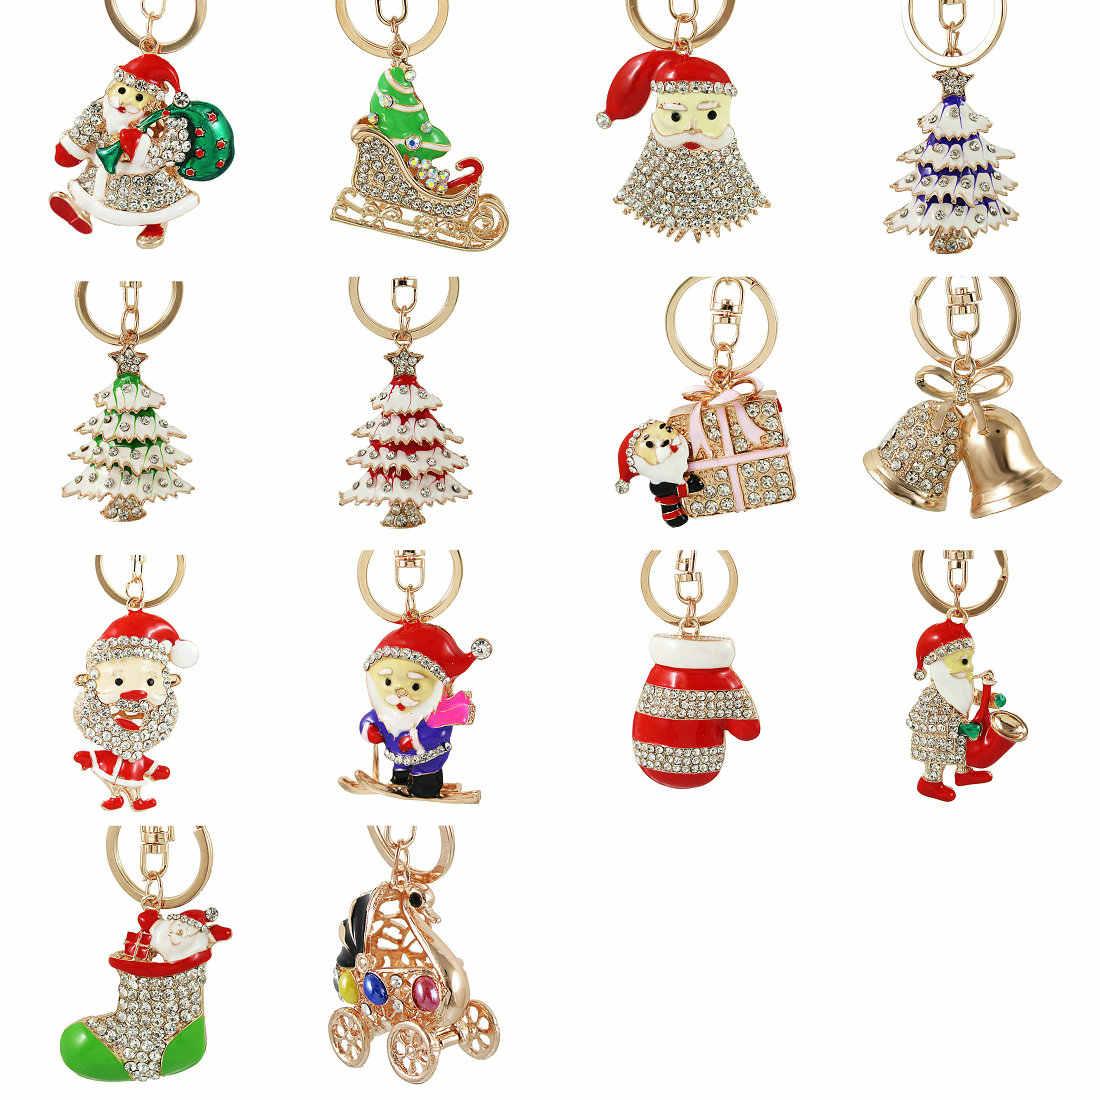 Emaye Noel Ağacı botları Noel Baba Anahtarlıklar Kırmızı yıldız kristal Anahtarlık Zincirleri Çanta Çanta Kolye Araba Anahtarlıklar Hediye